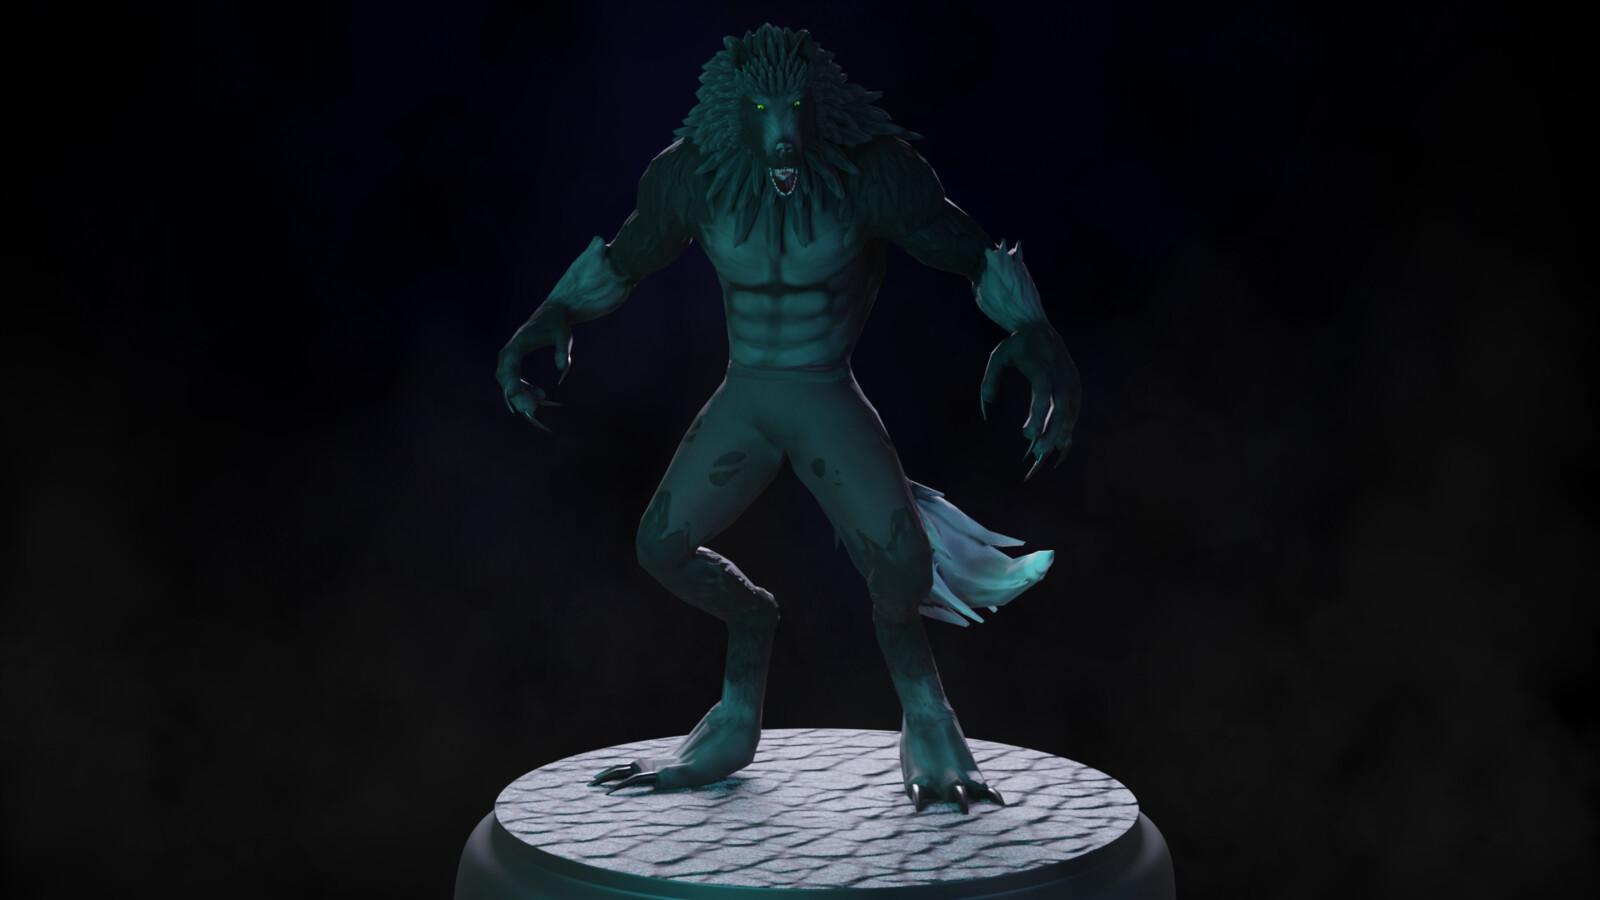 Stylized werewolf